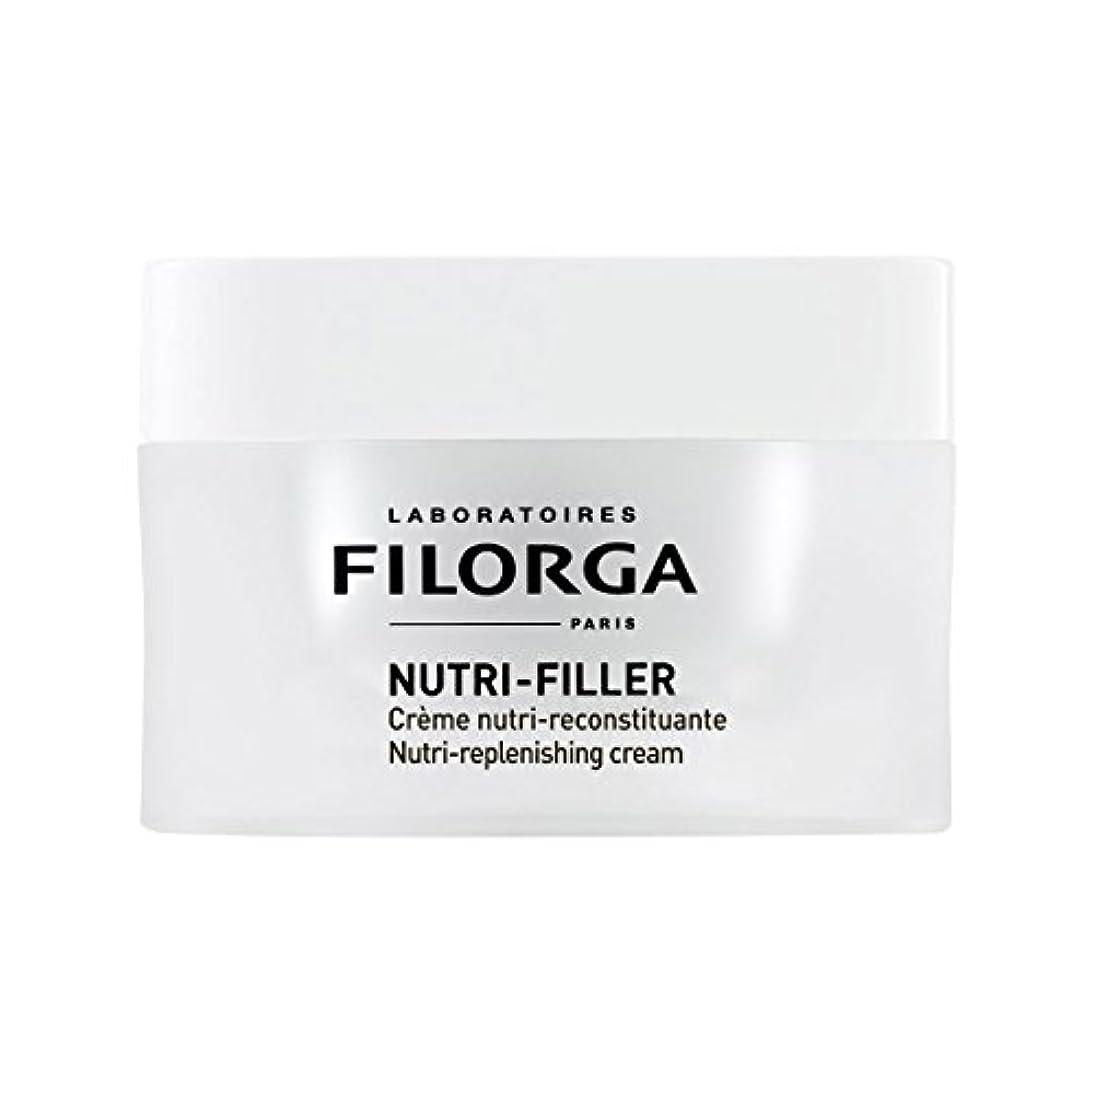 オデュッセウス大騒ぎ飽和するFilorga Nutri-filler Nutri-replenishing Cream 50ml [並行輸入品]